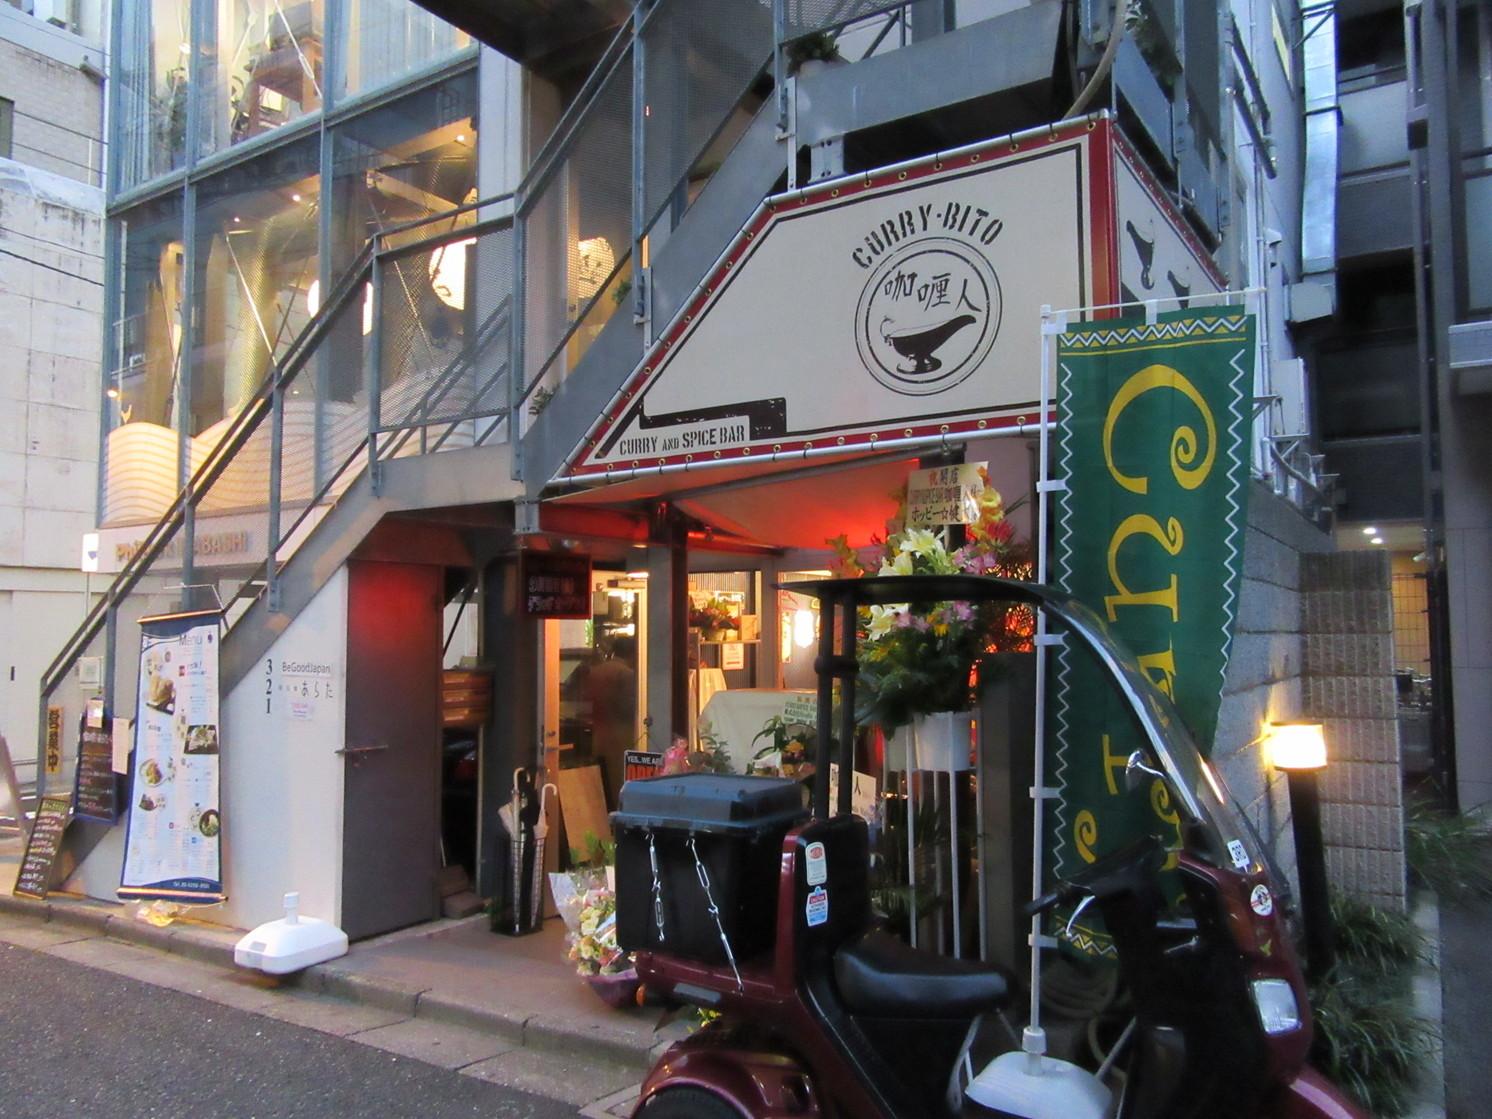 カリ〜 アンド スパイスバル カリ〜ビト